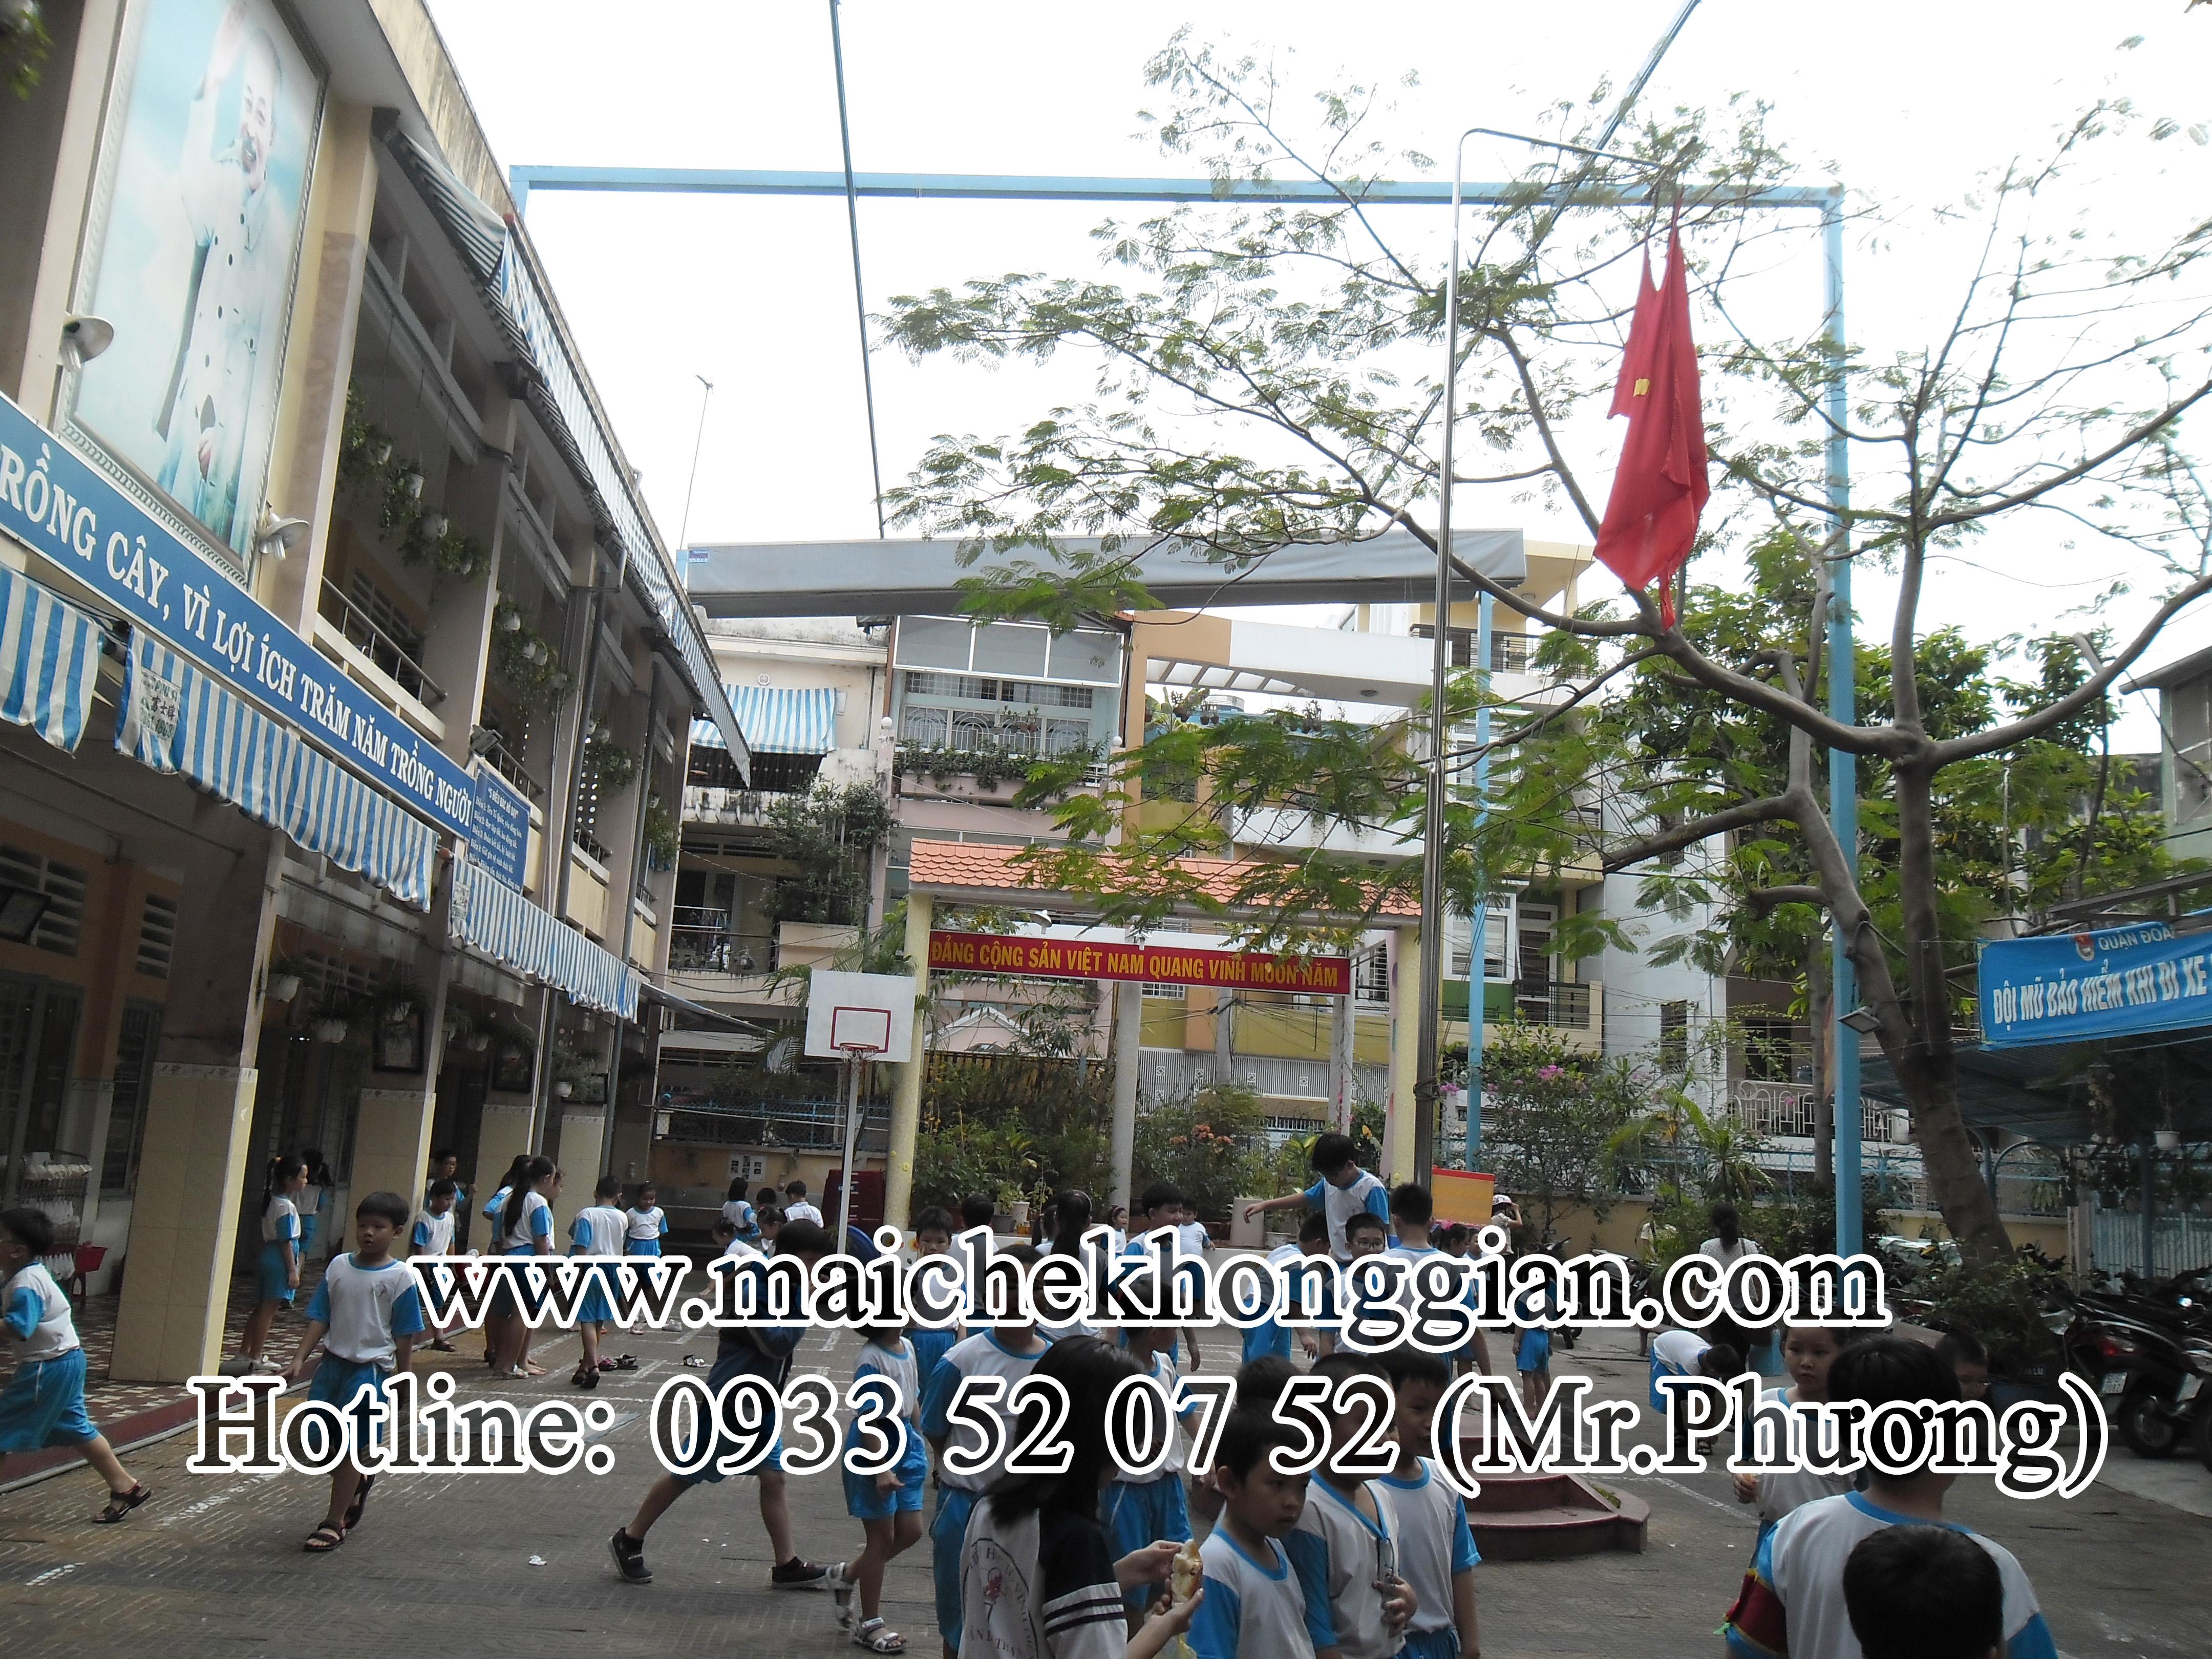 Mái xếp Thị xã Vĩnh Châu Sóc Trăng